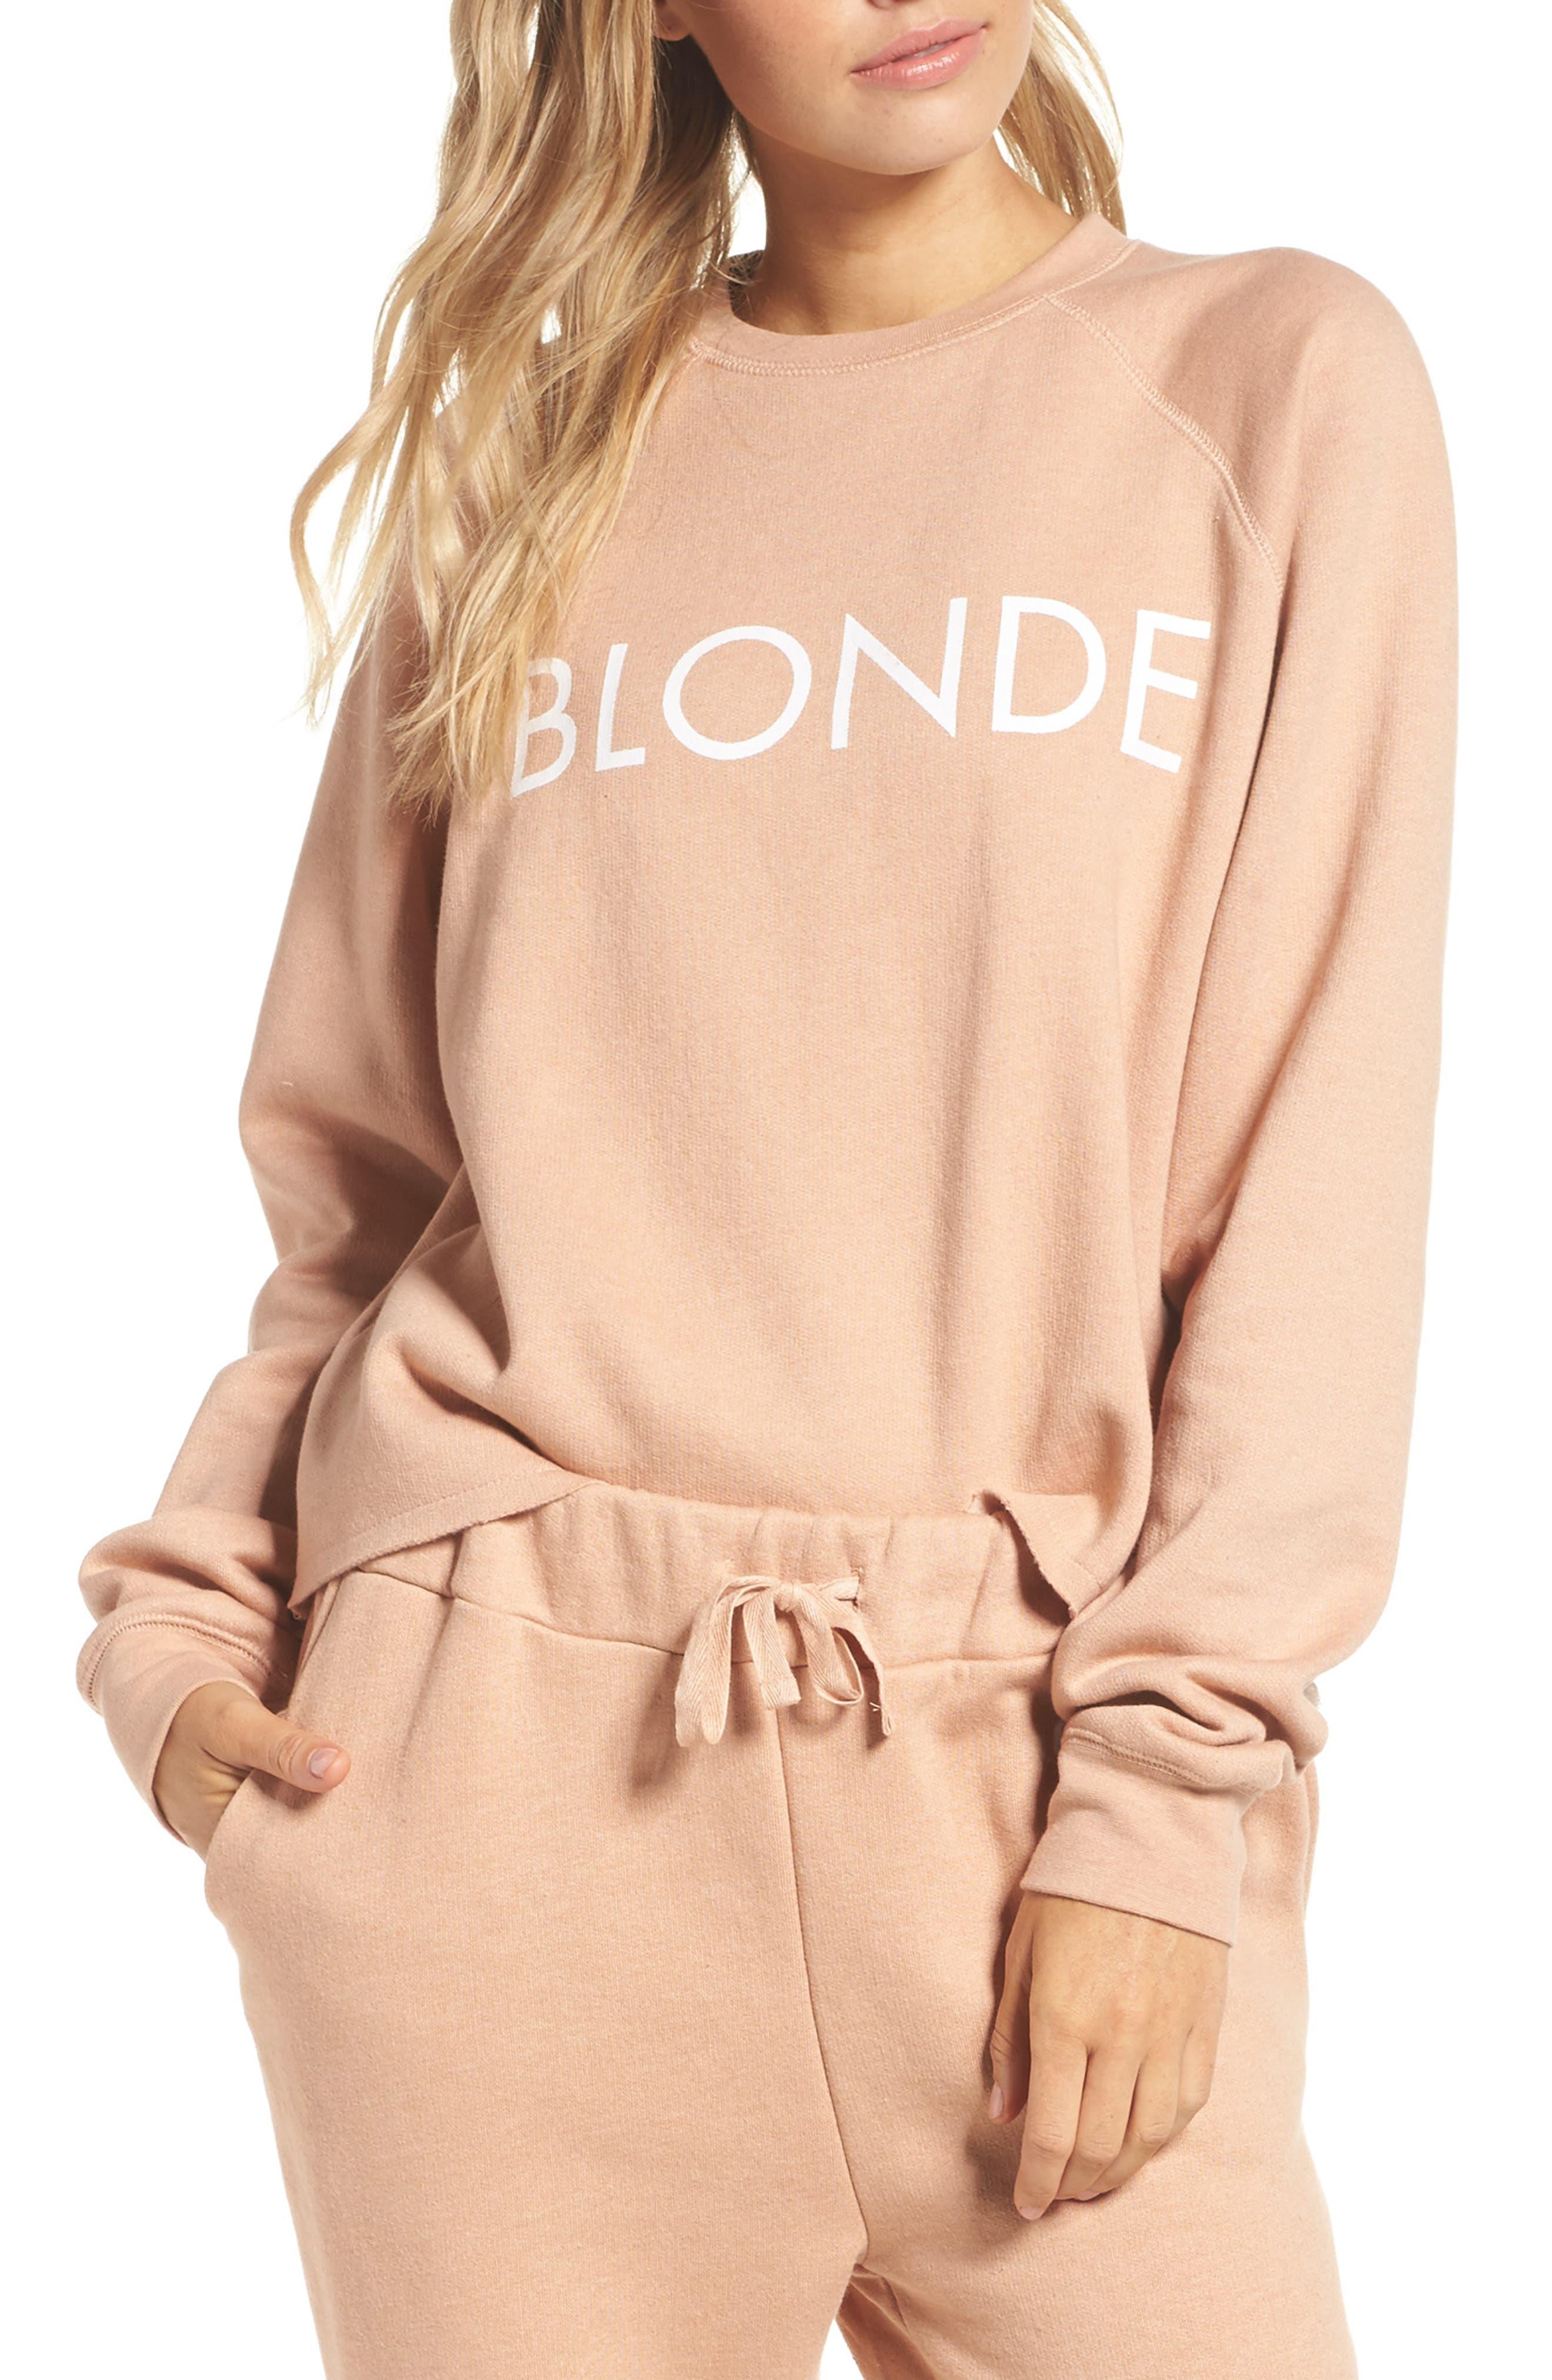 Alternate Image 1 Selected - BRUNETTE the Label Middle Sister Blonde Sweatshirt